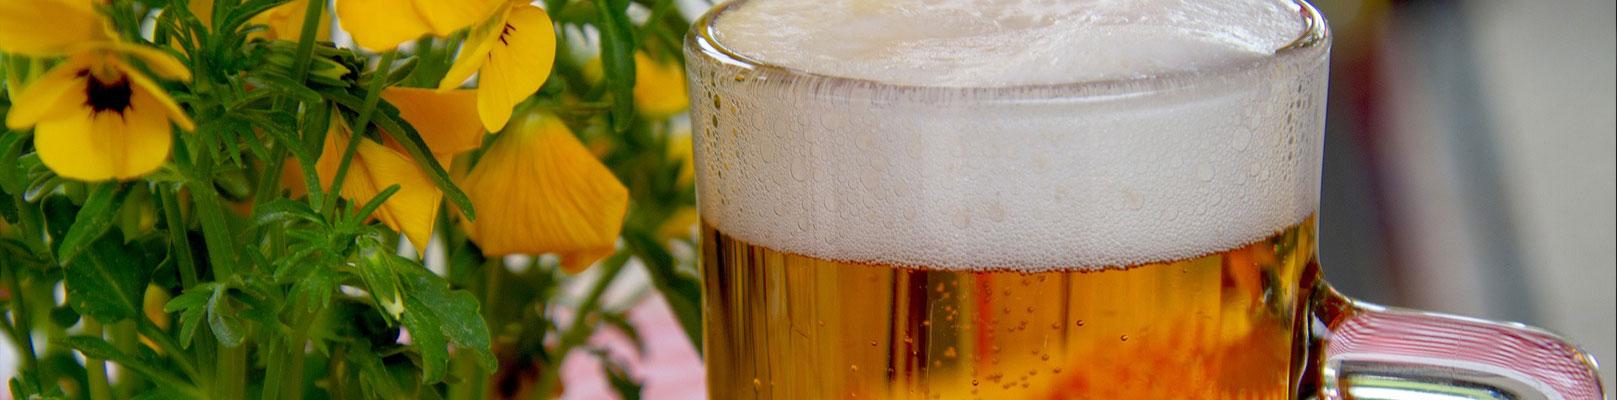 beer-banner.jpg